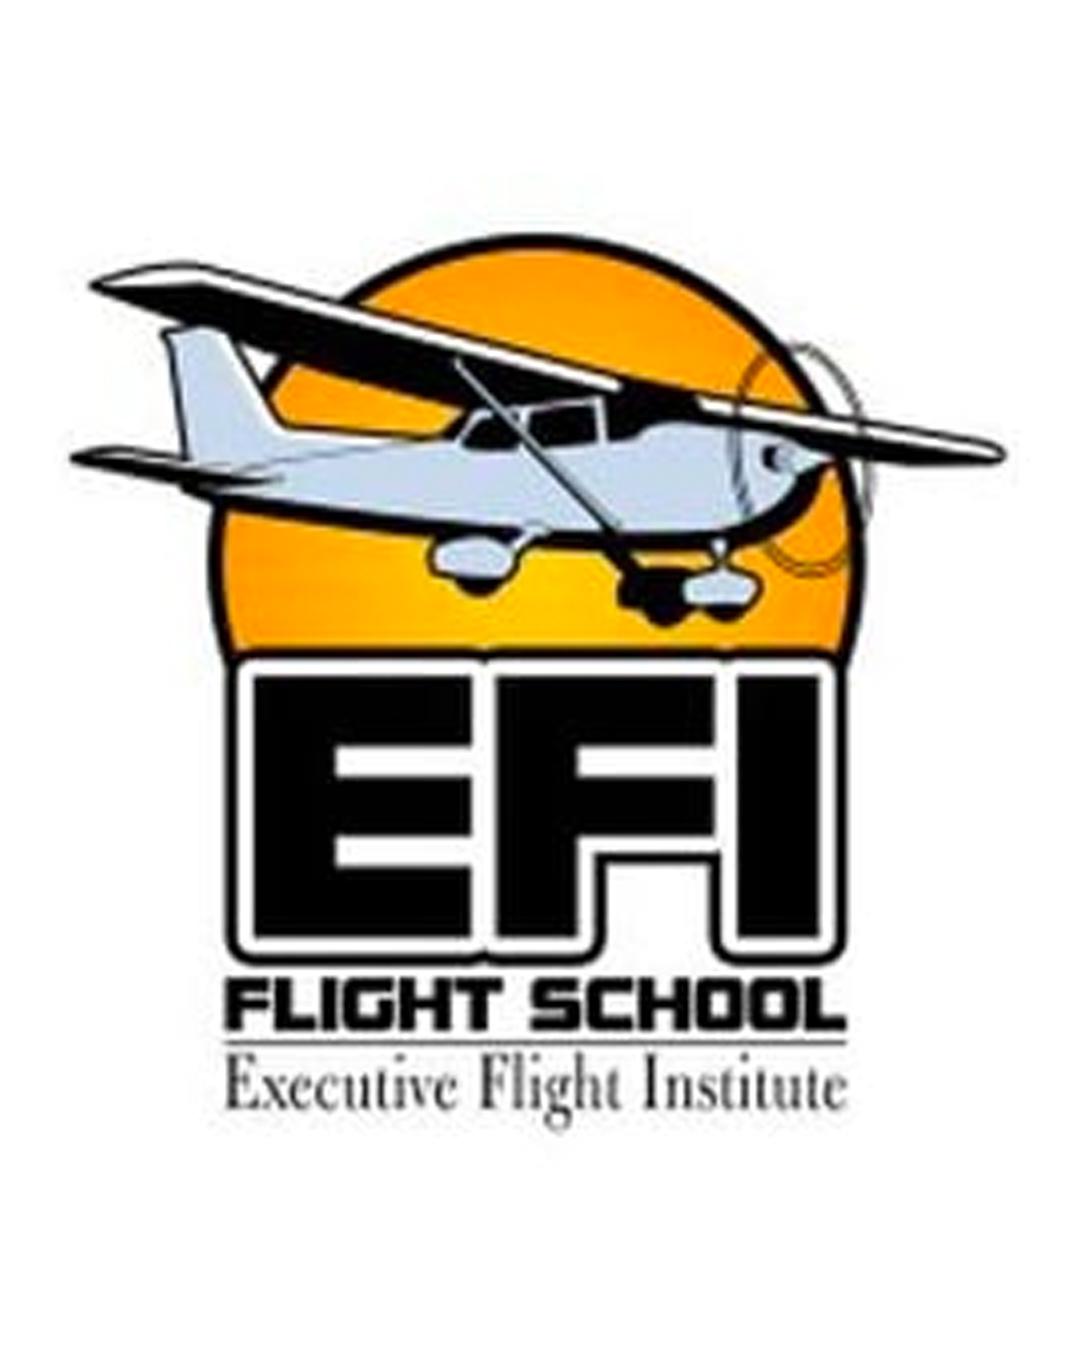 efi_flight_school.jpg